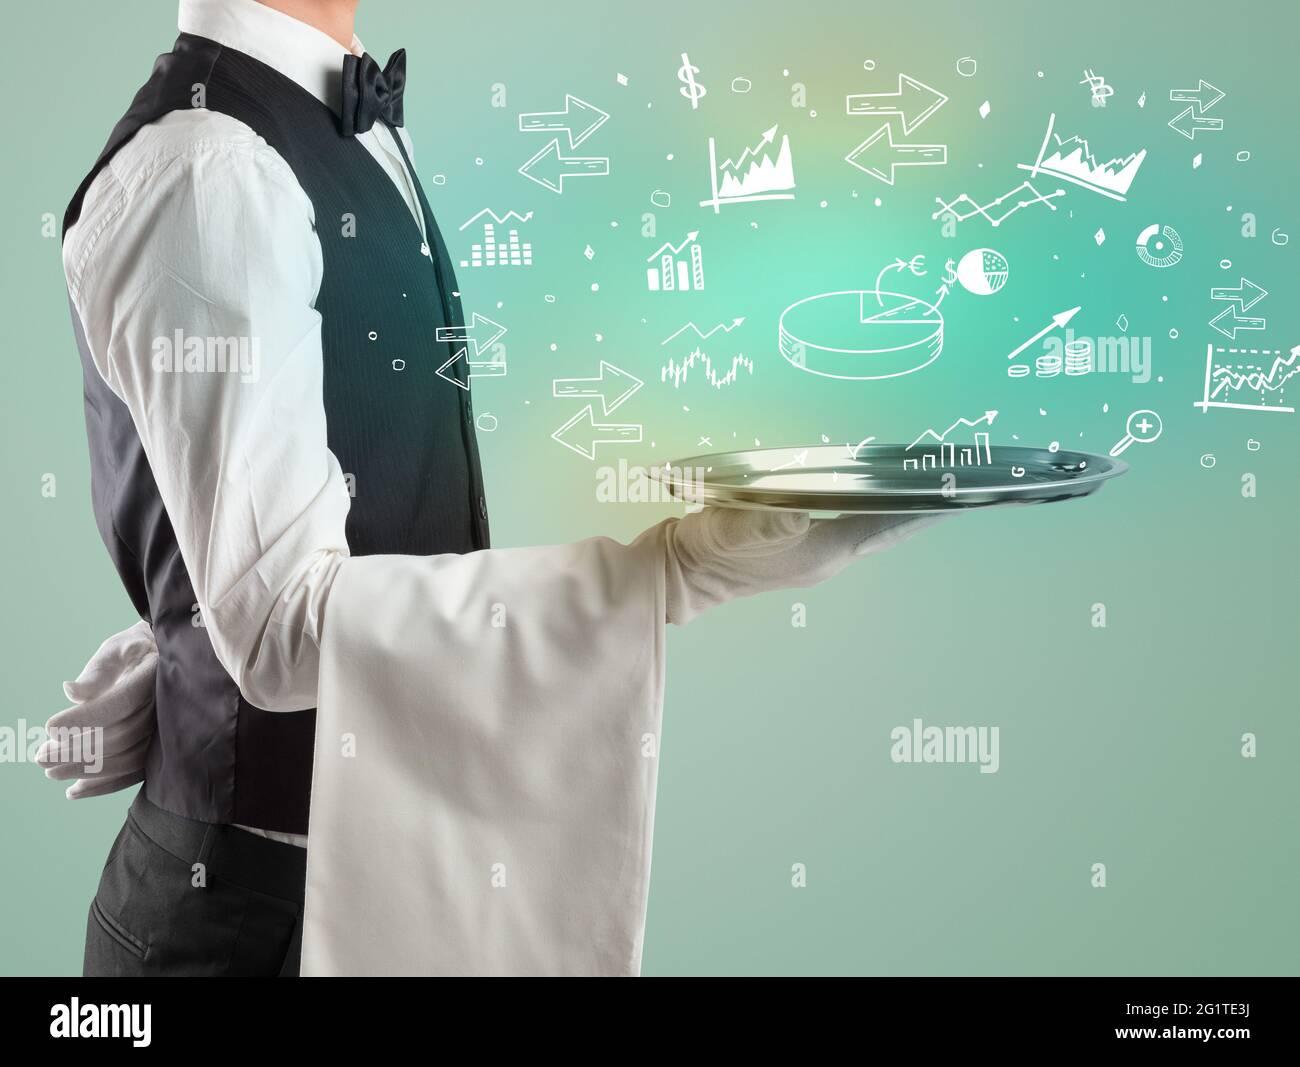 Guapo joven camarero en tuxedo sosteniendo iconos de dinero en la bandeja Foto de stock